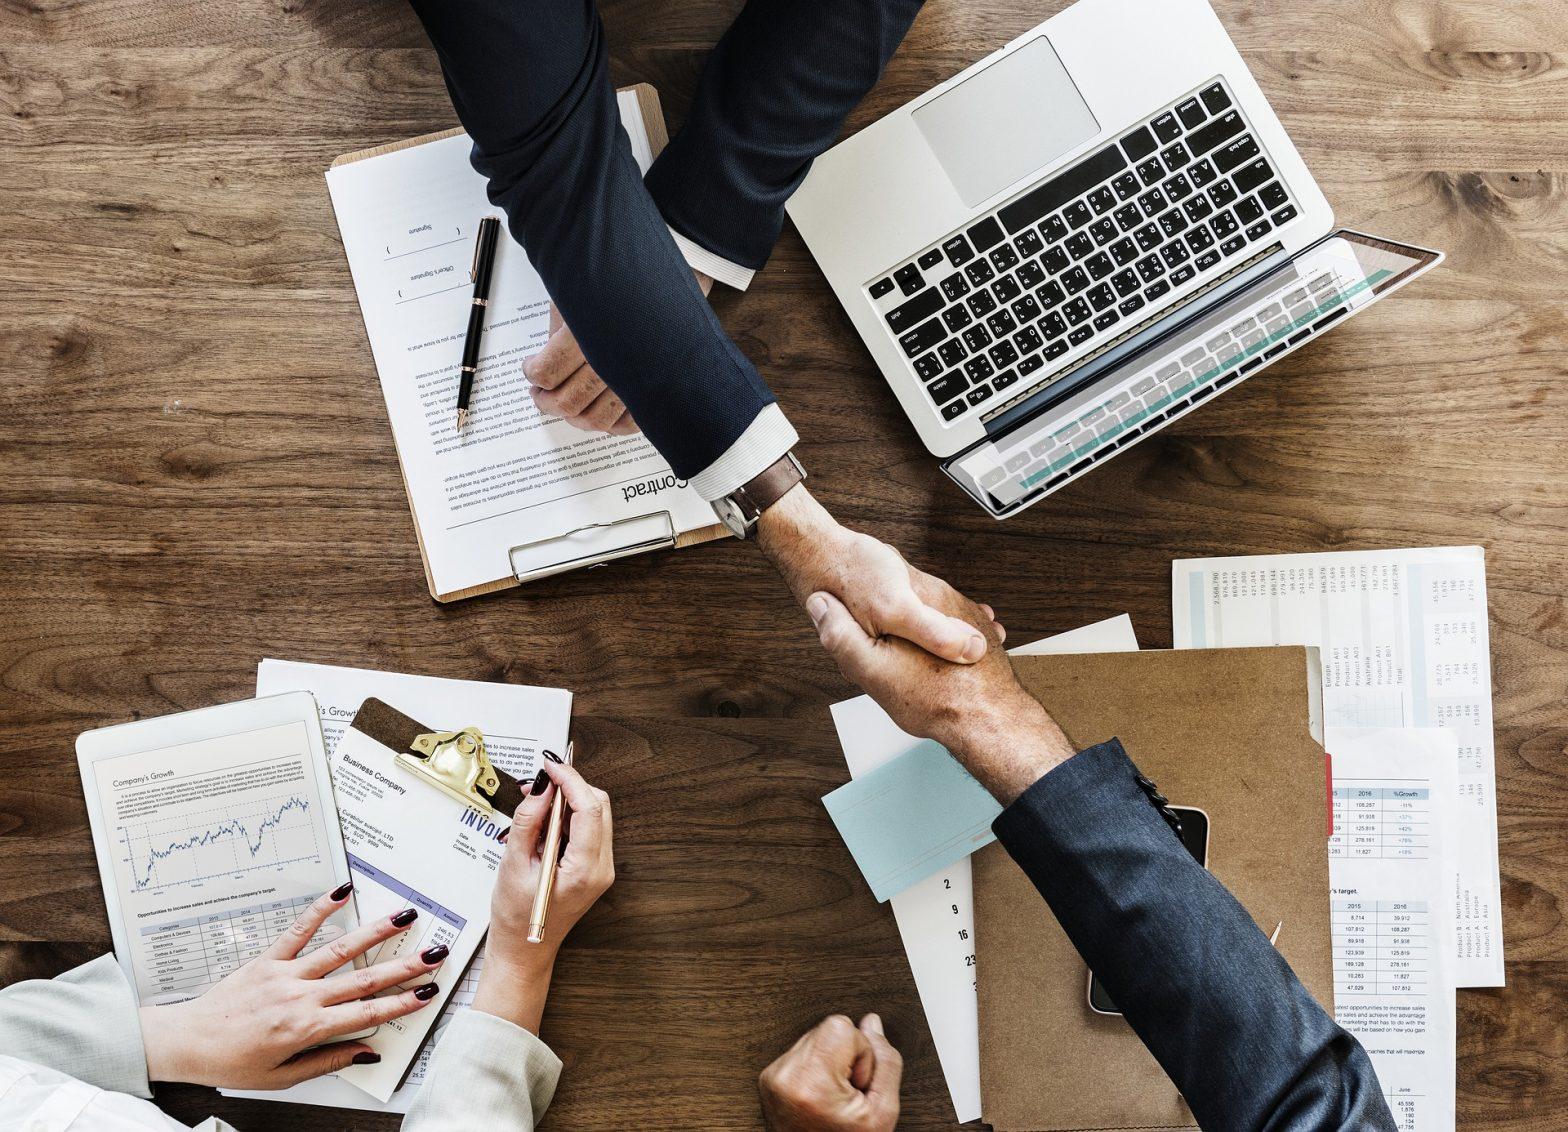 בנייה-וקידום-אתרי-תדמית-לעסקים-קטנים